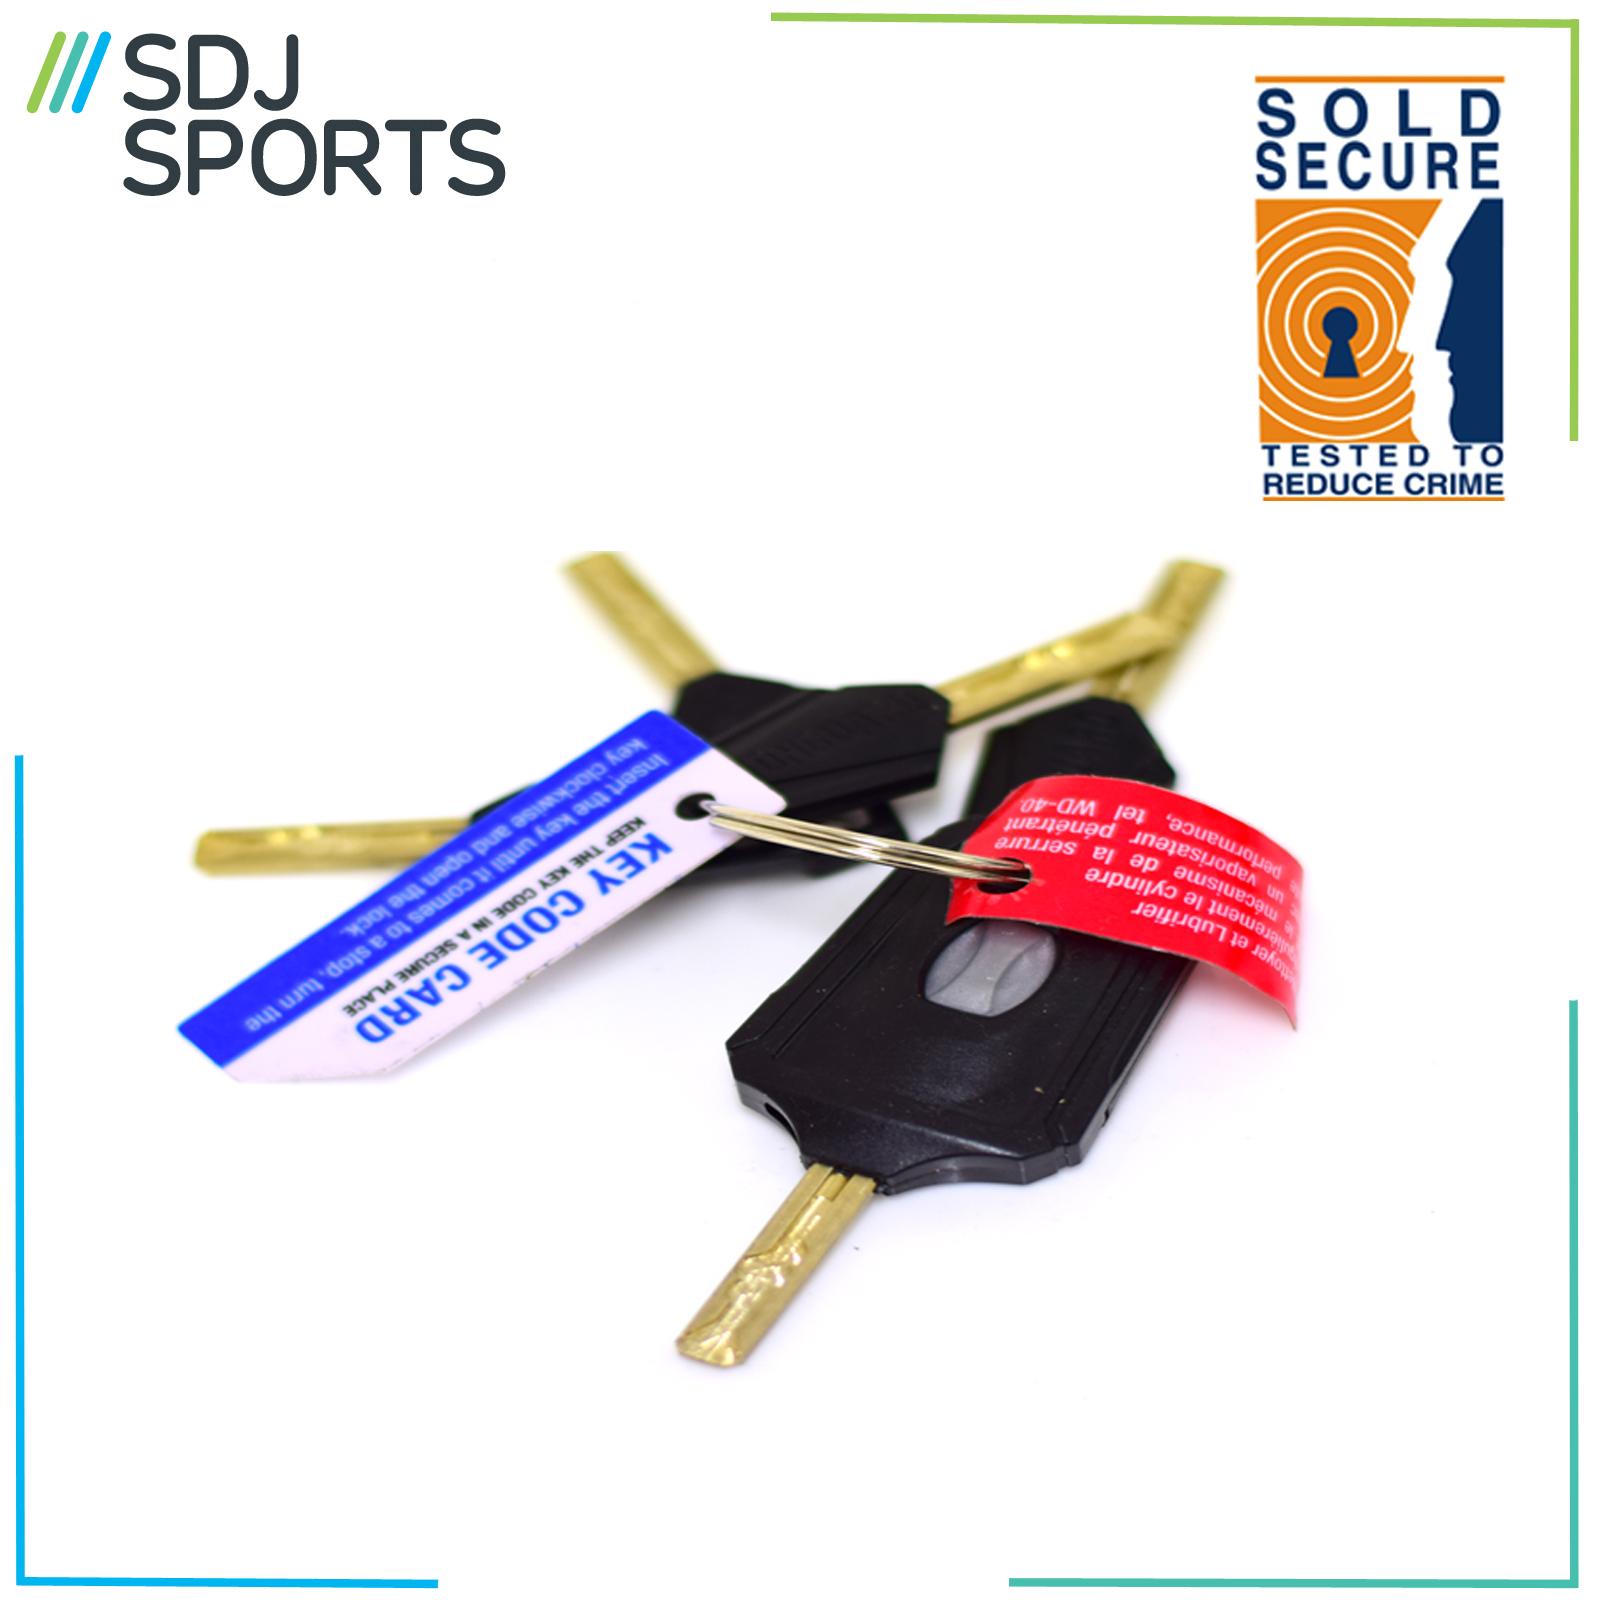 magnum onguard 8012 shackle lock cable silver sold secure bike d u lock. Black Bedroom Furniture Sets. Home Design Ideas